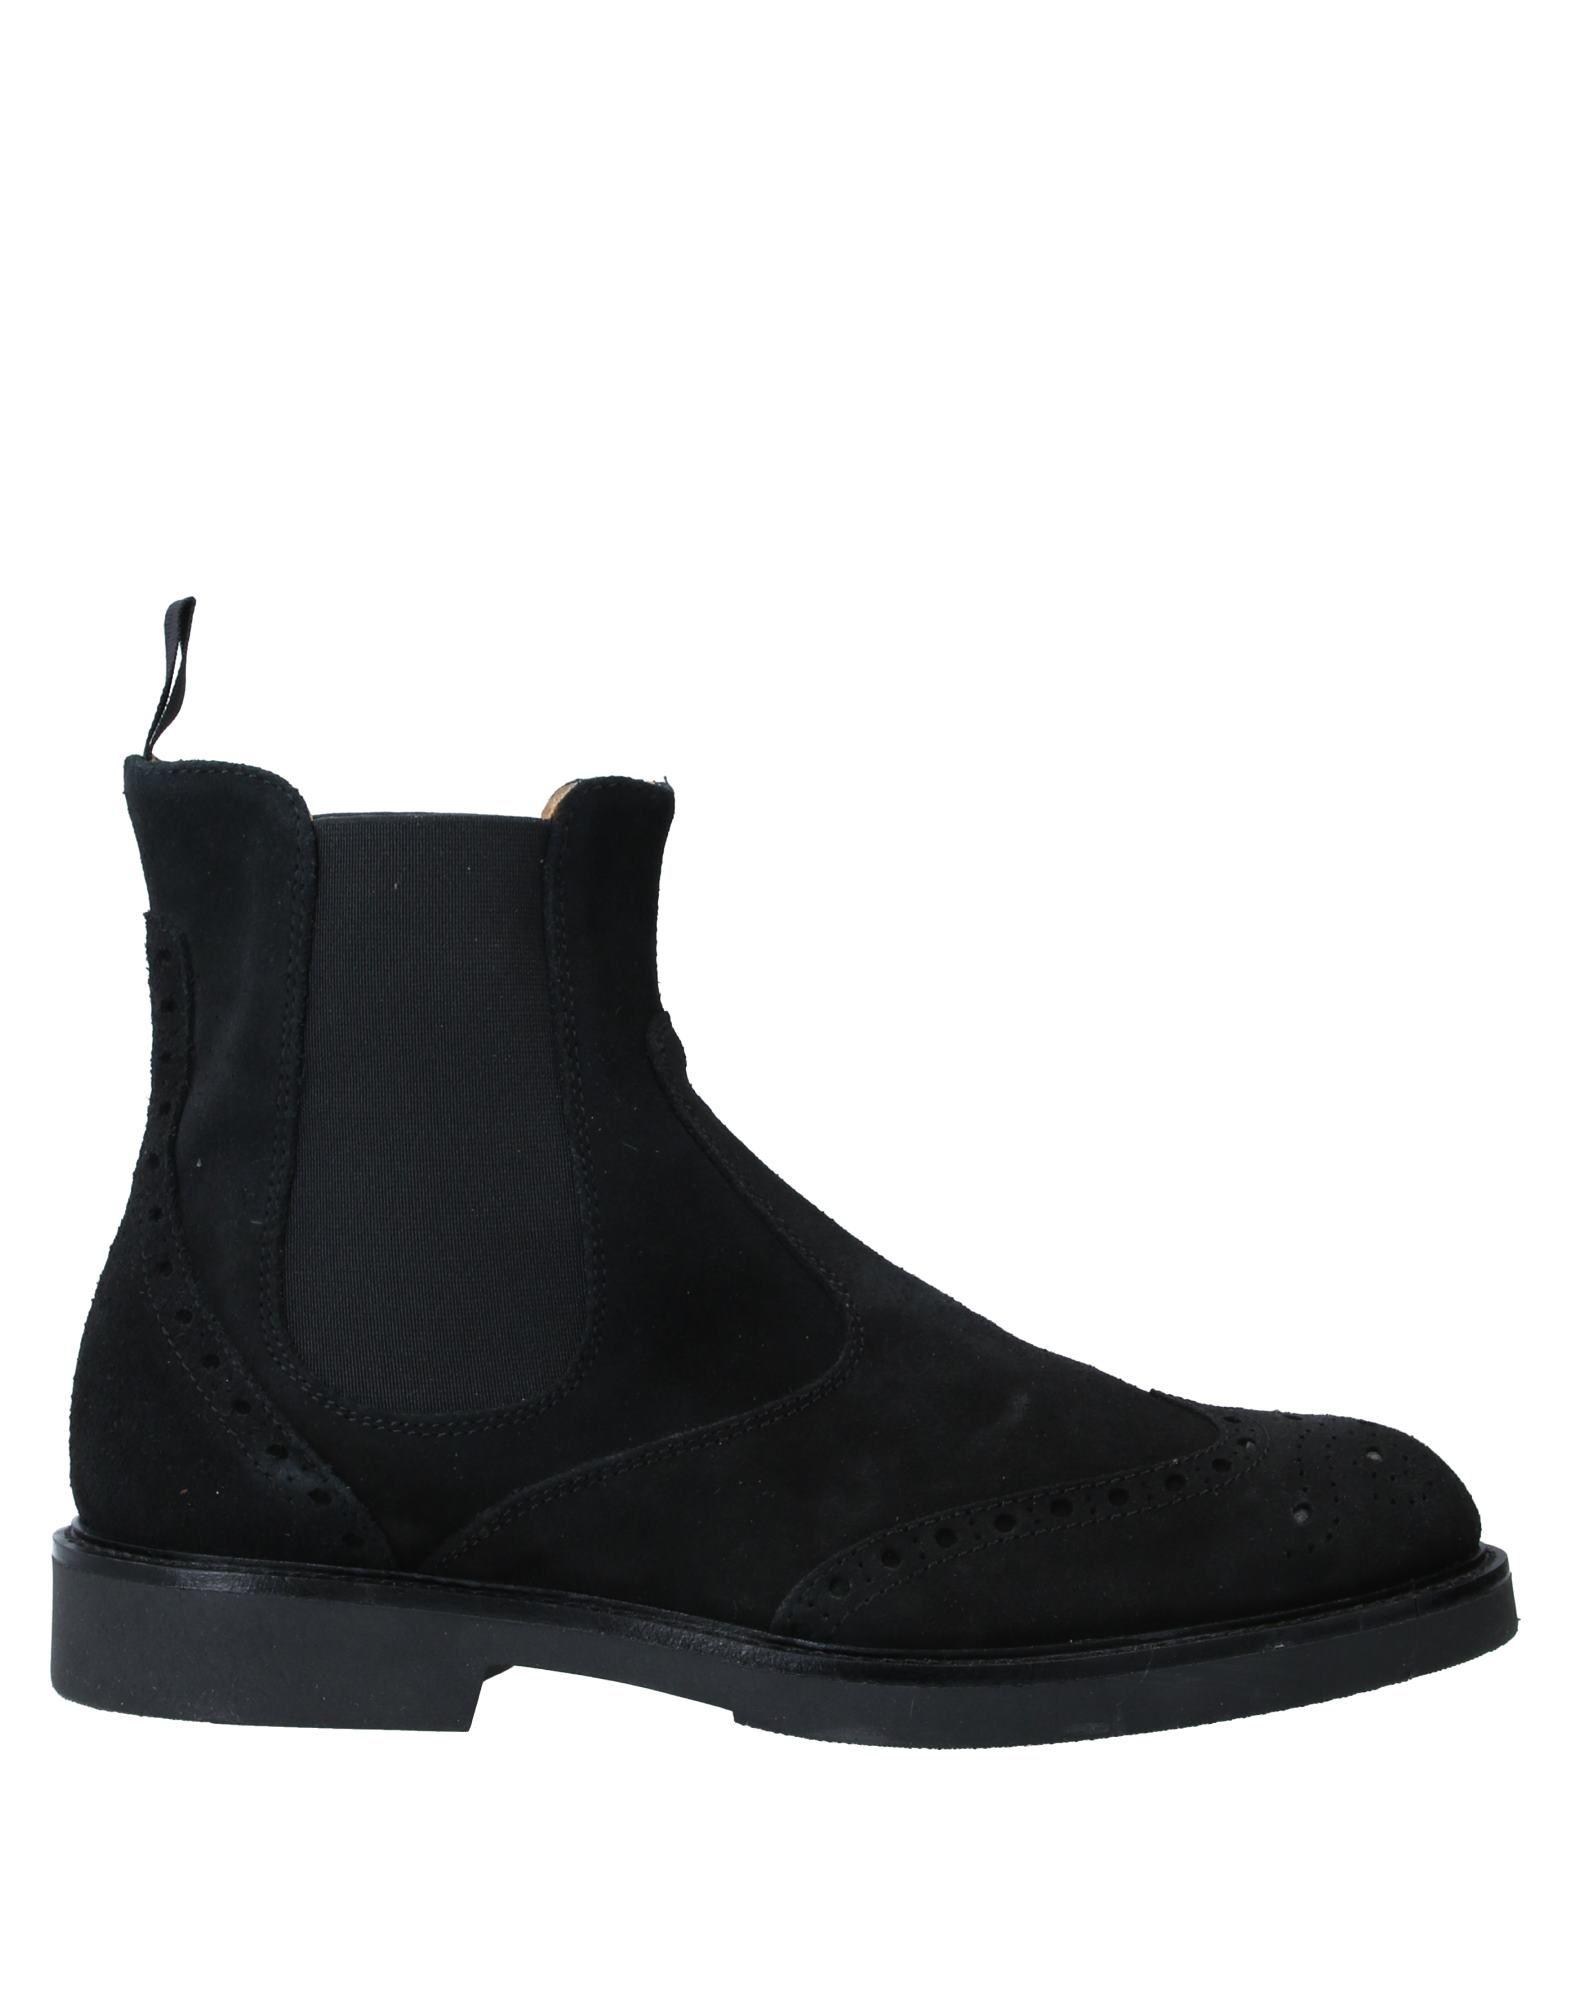 PRINCE OLIVER MILANO Полусапоги и высокие ботинки o6 milano полусапоги и высокие ботинки